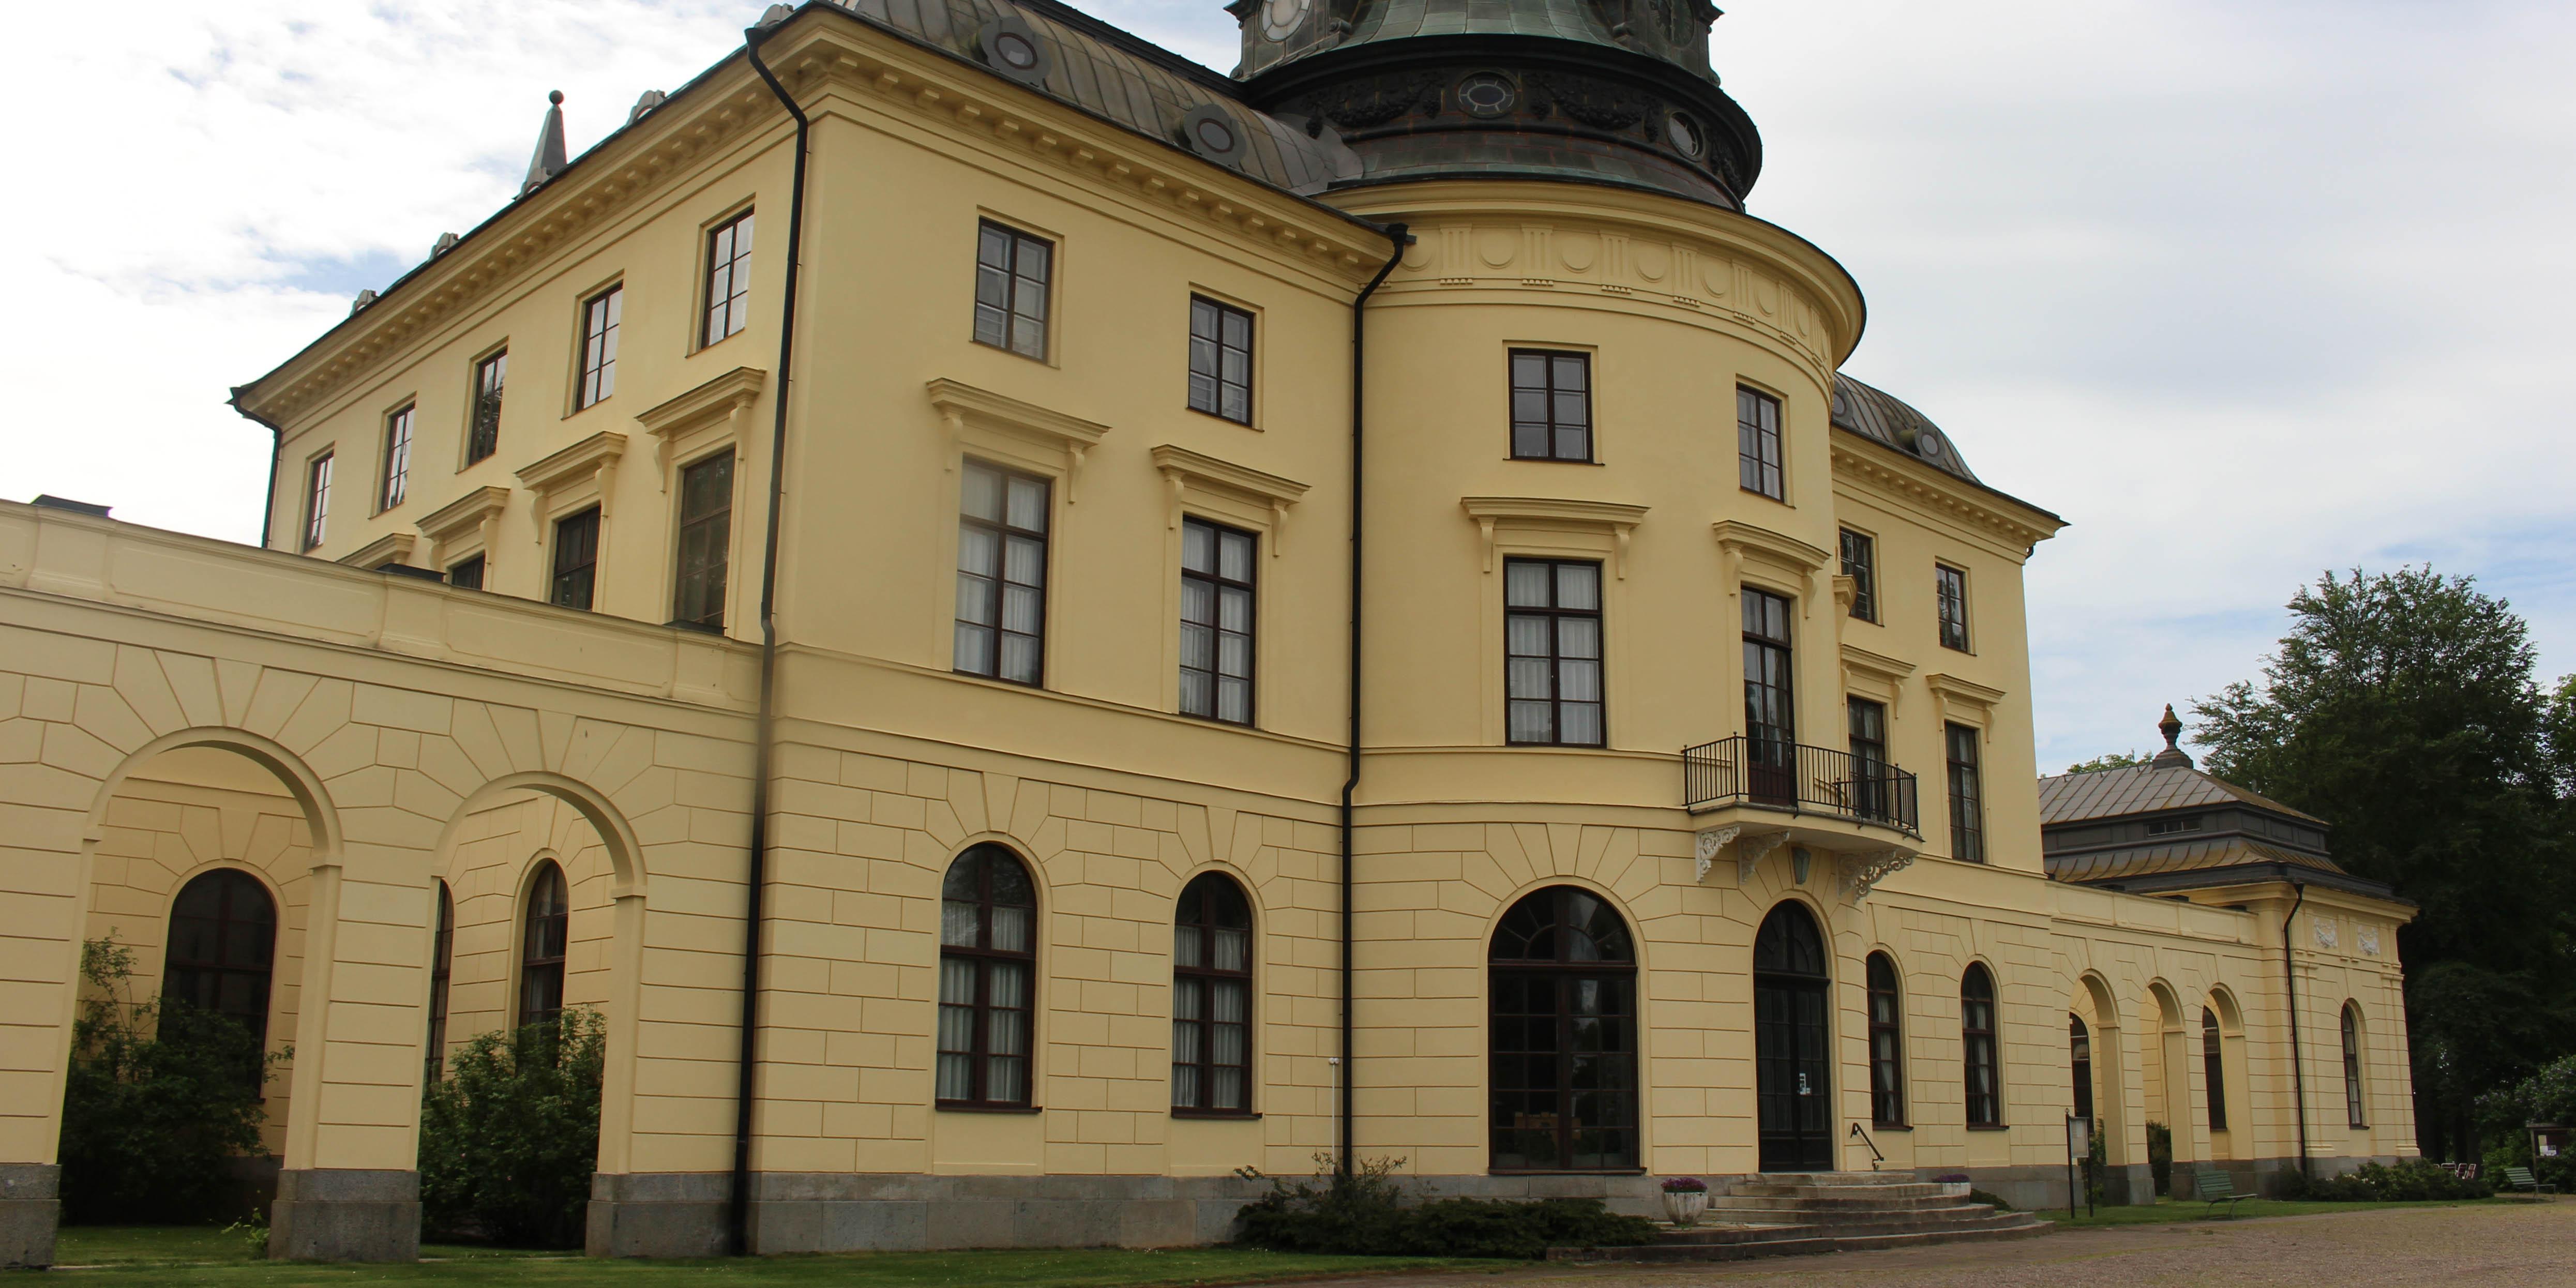 Sommarkonserter i Rotundan, Nya Slottet Bjärka-Säby